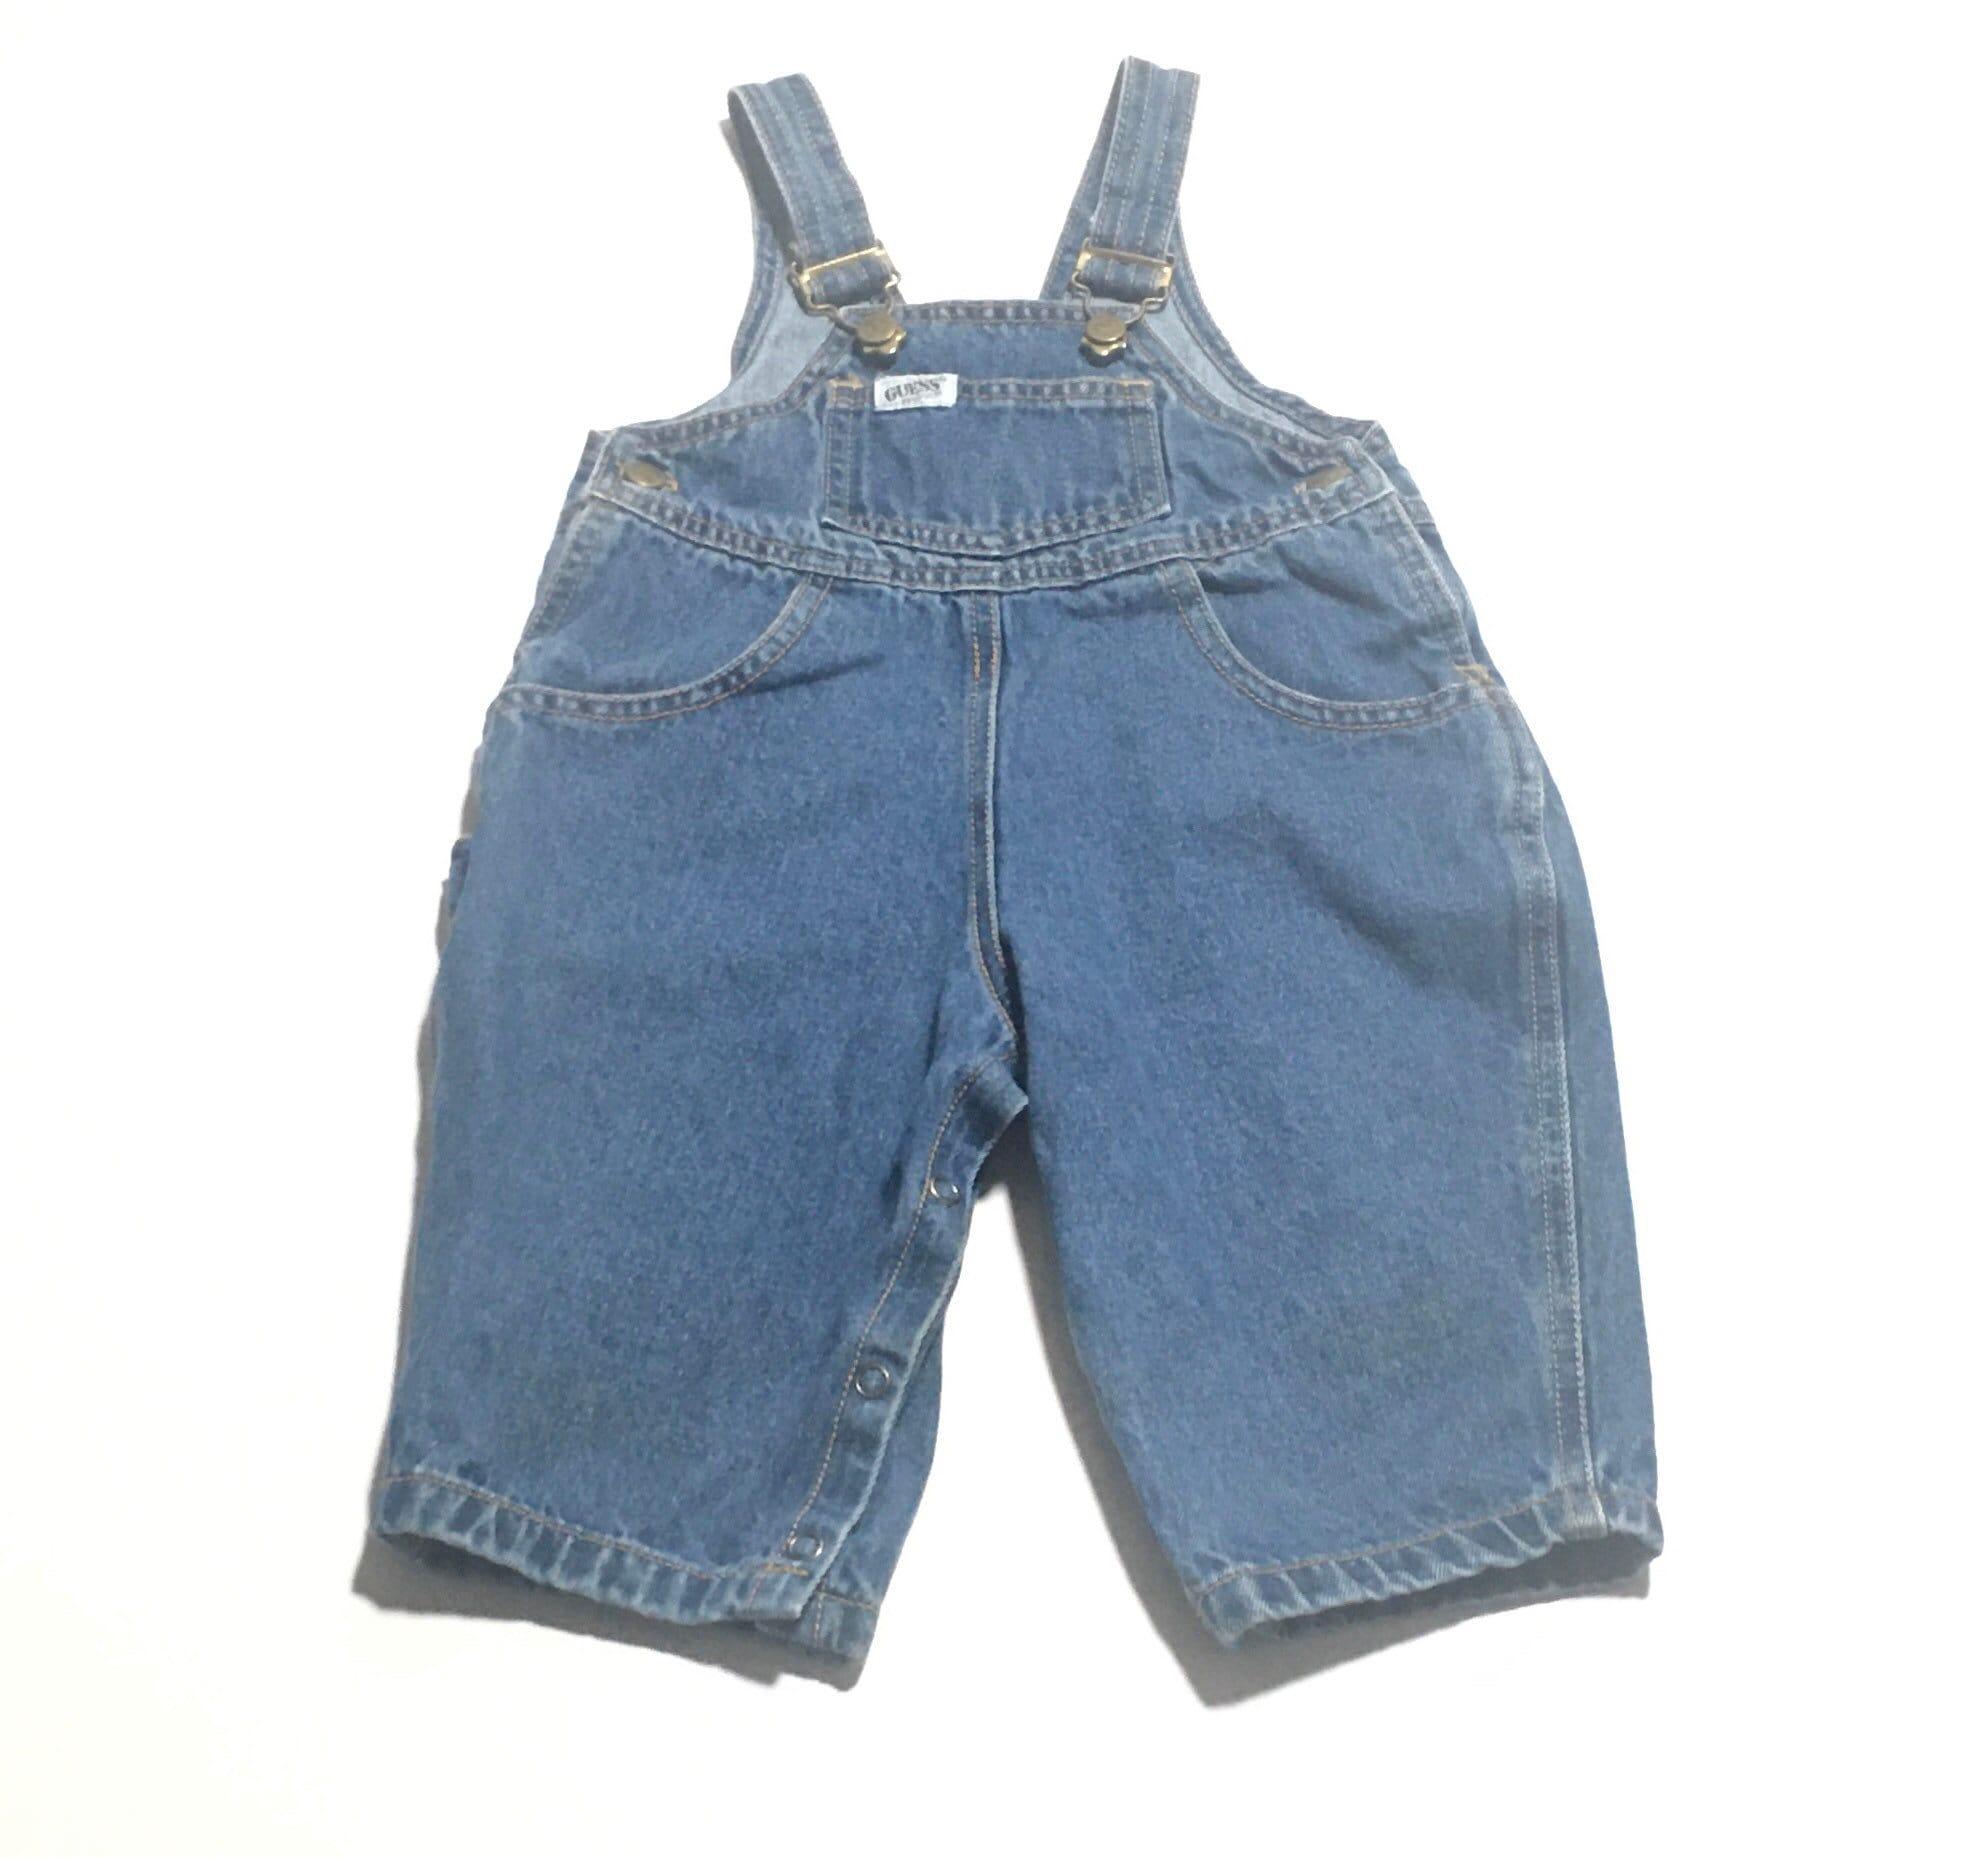 Vintage Overalls & Jumpsuits 1980S Baby Guess Vintage Denim Overalls  Size 12Months $26.75 AT vintagedancer.com